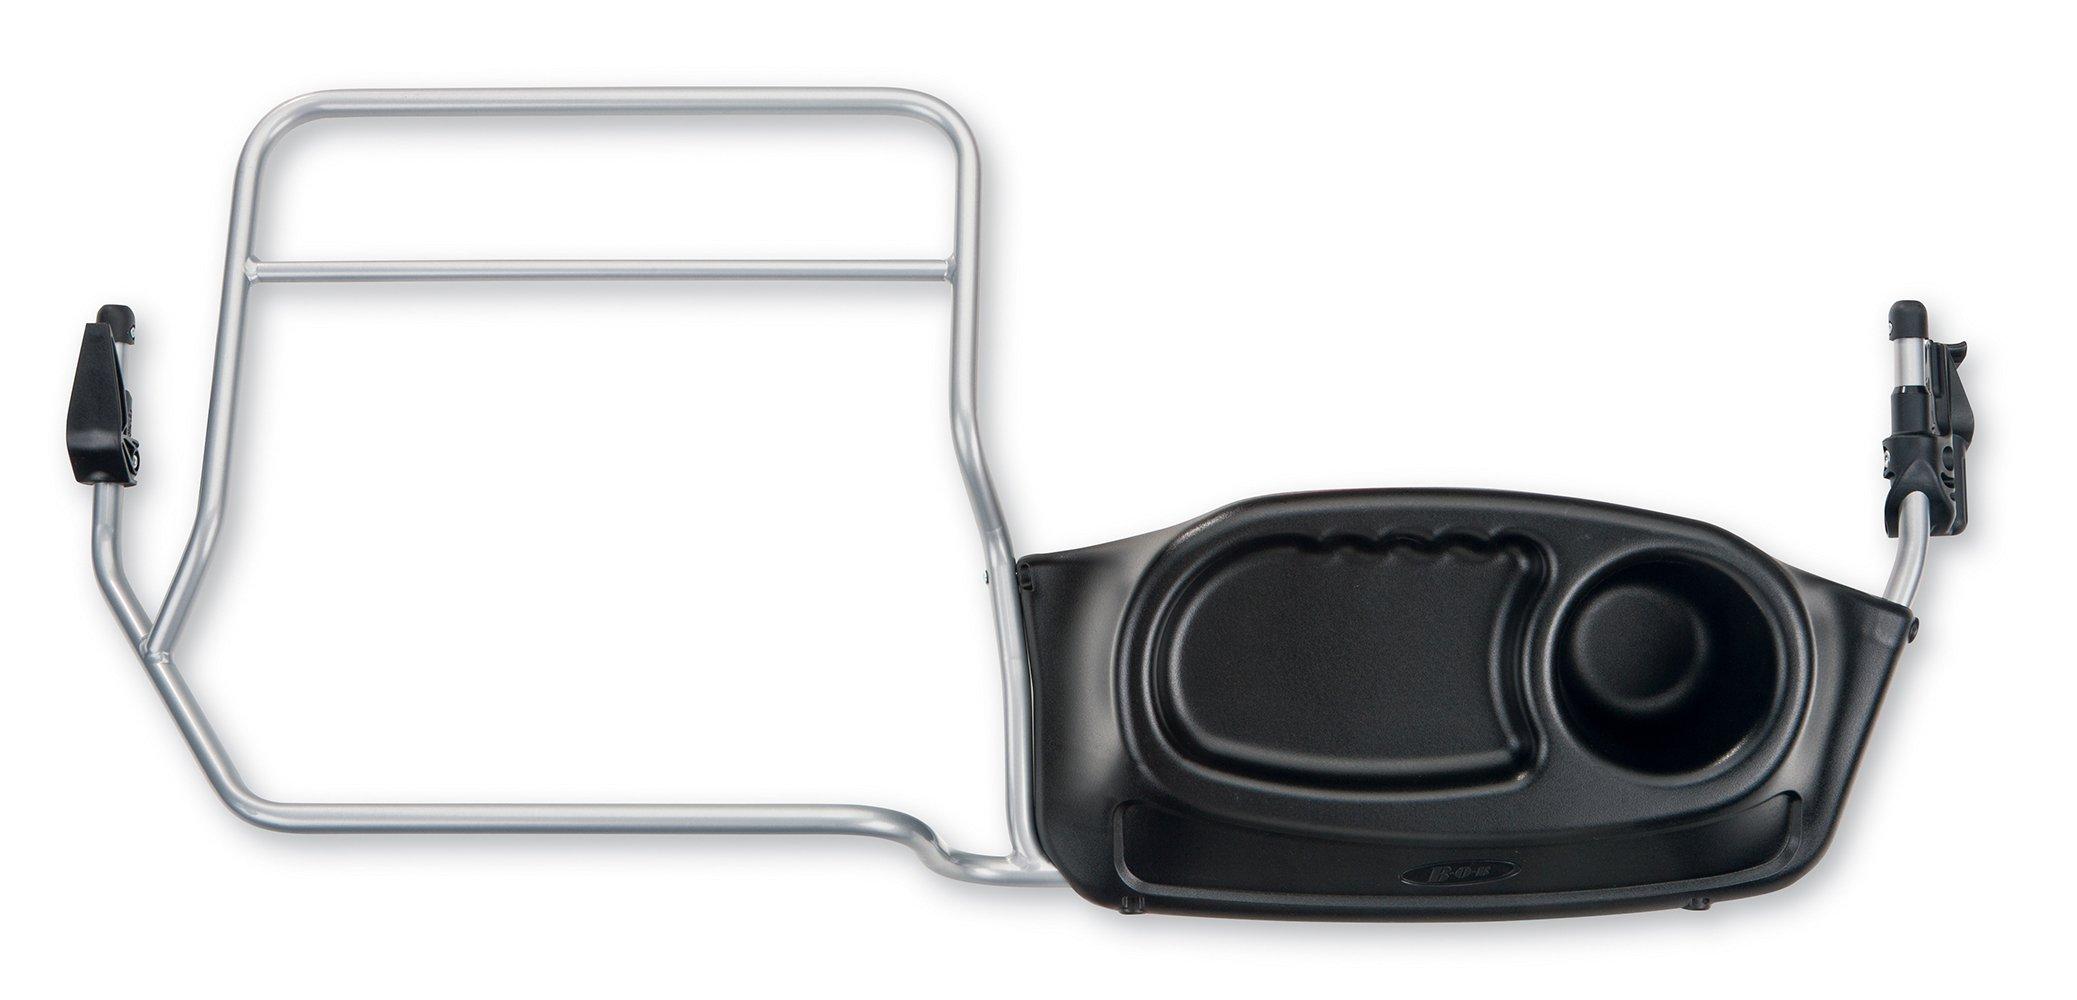 BOB Prior Model Duallie Jogging Stroller Adapter for Peg Perego Infant Car Seats